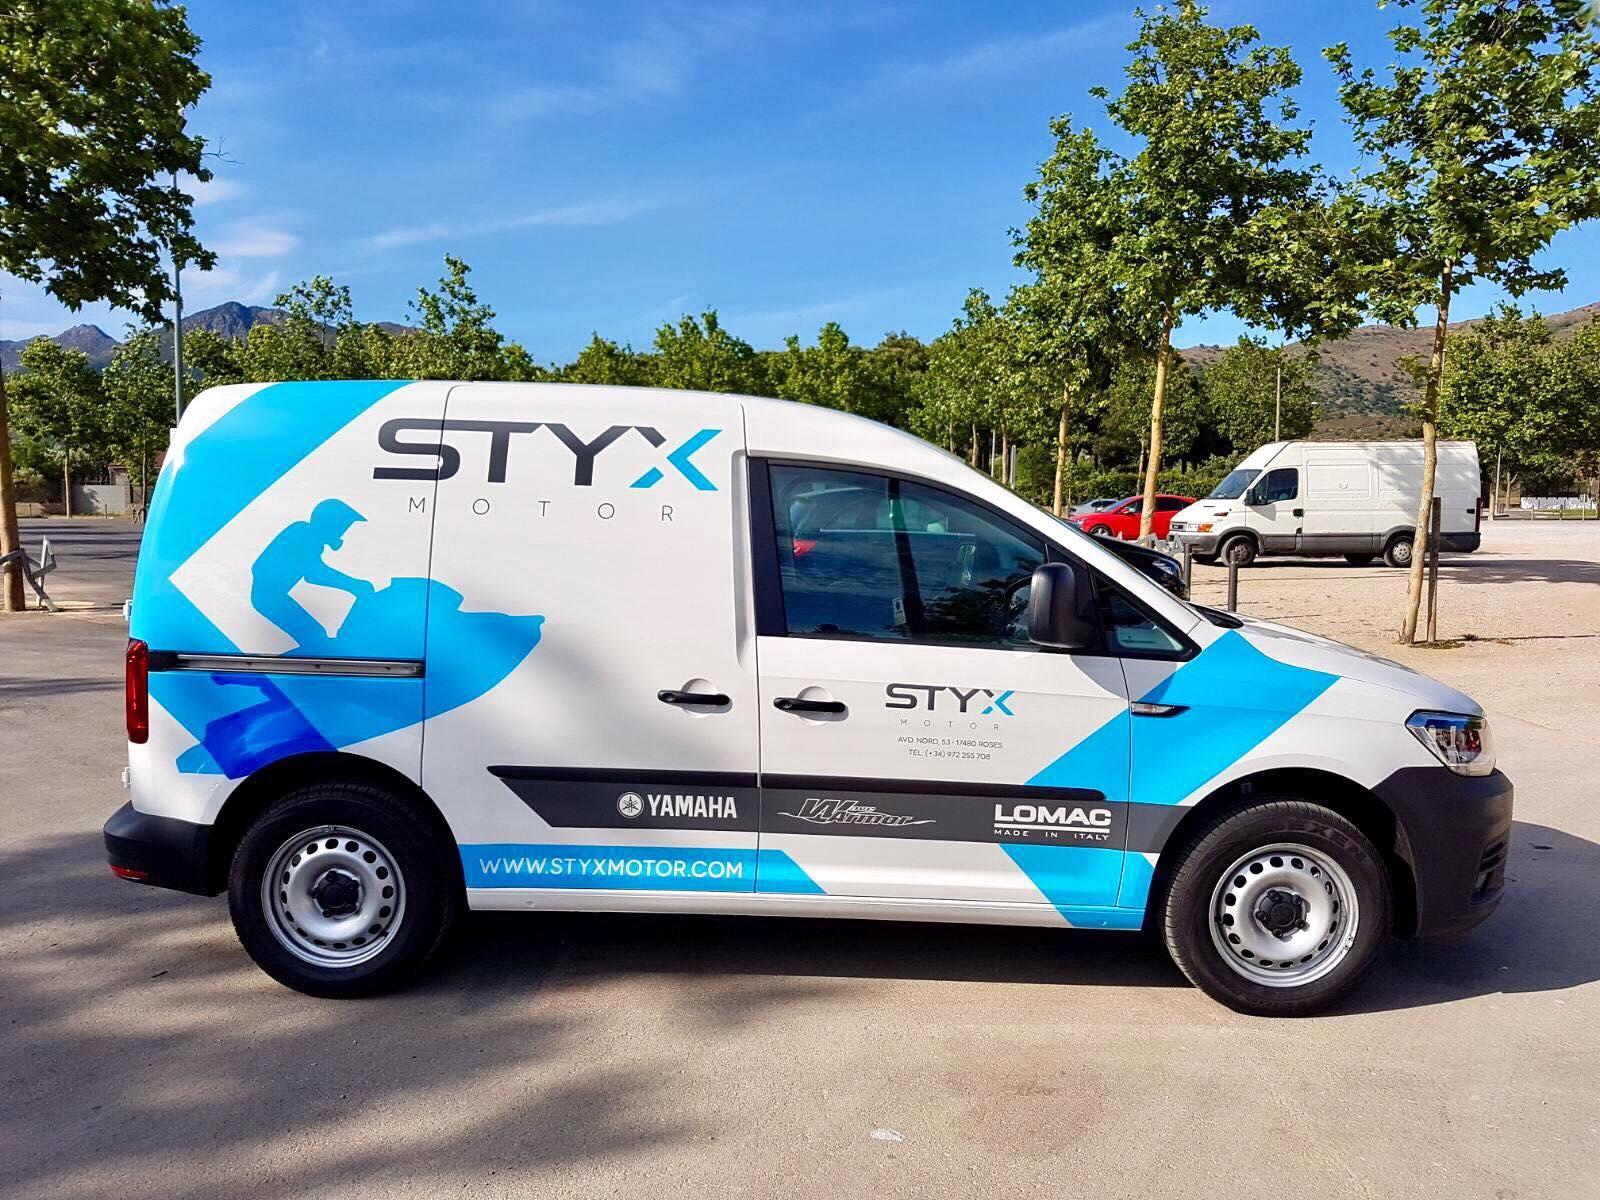 STYXMOTOR5 - STYXMOTOR5